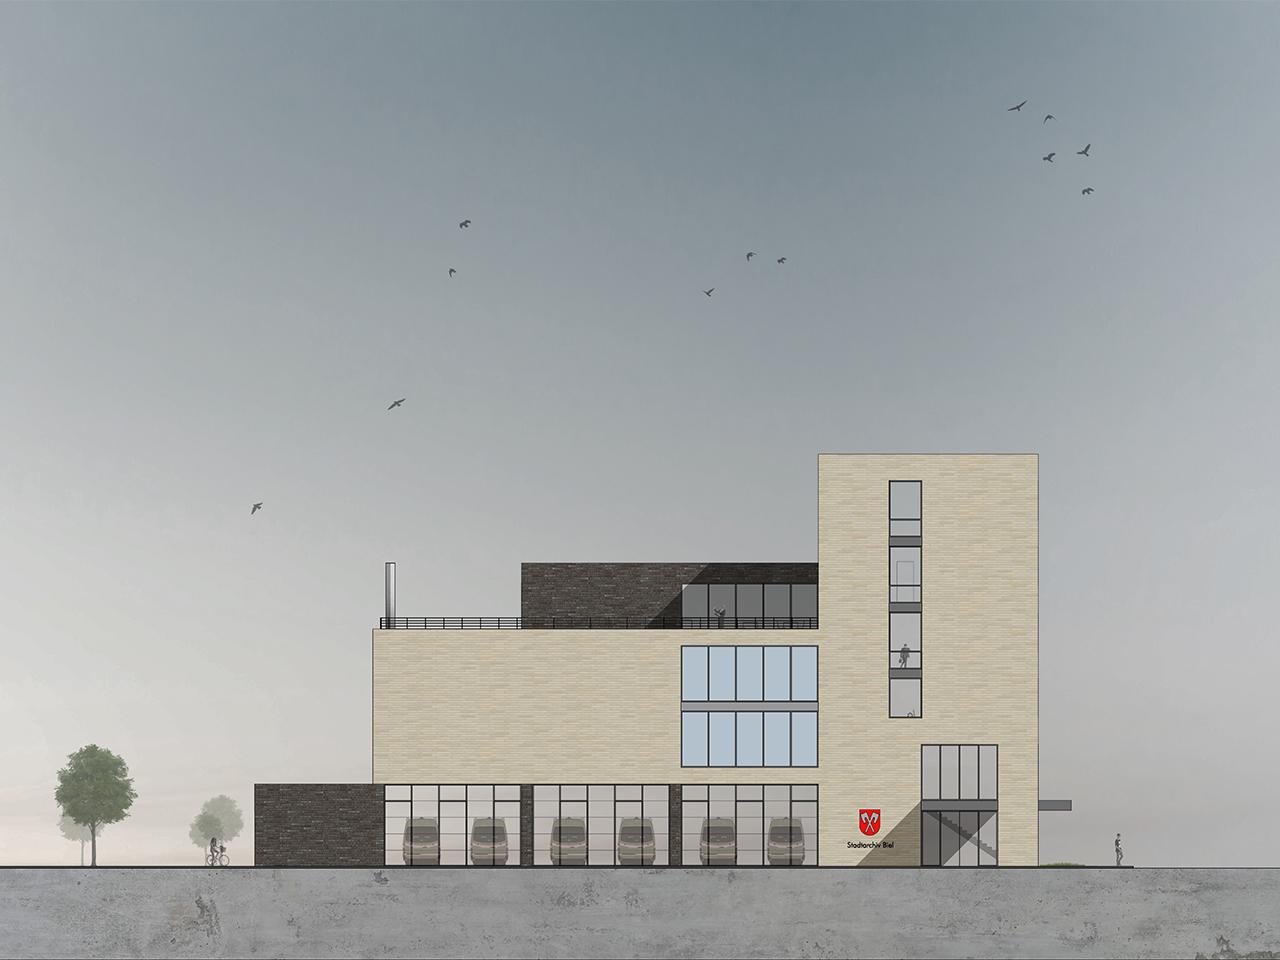 Architektur wettbewerb architektur und 3d - Architektur schnitt ...